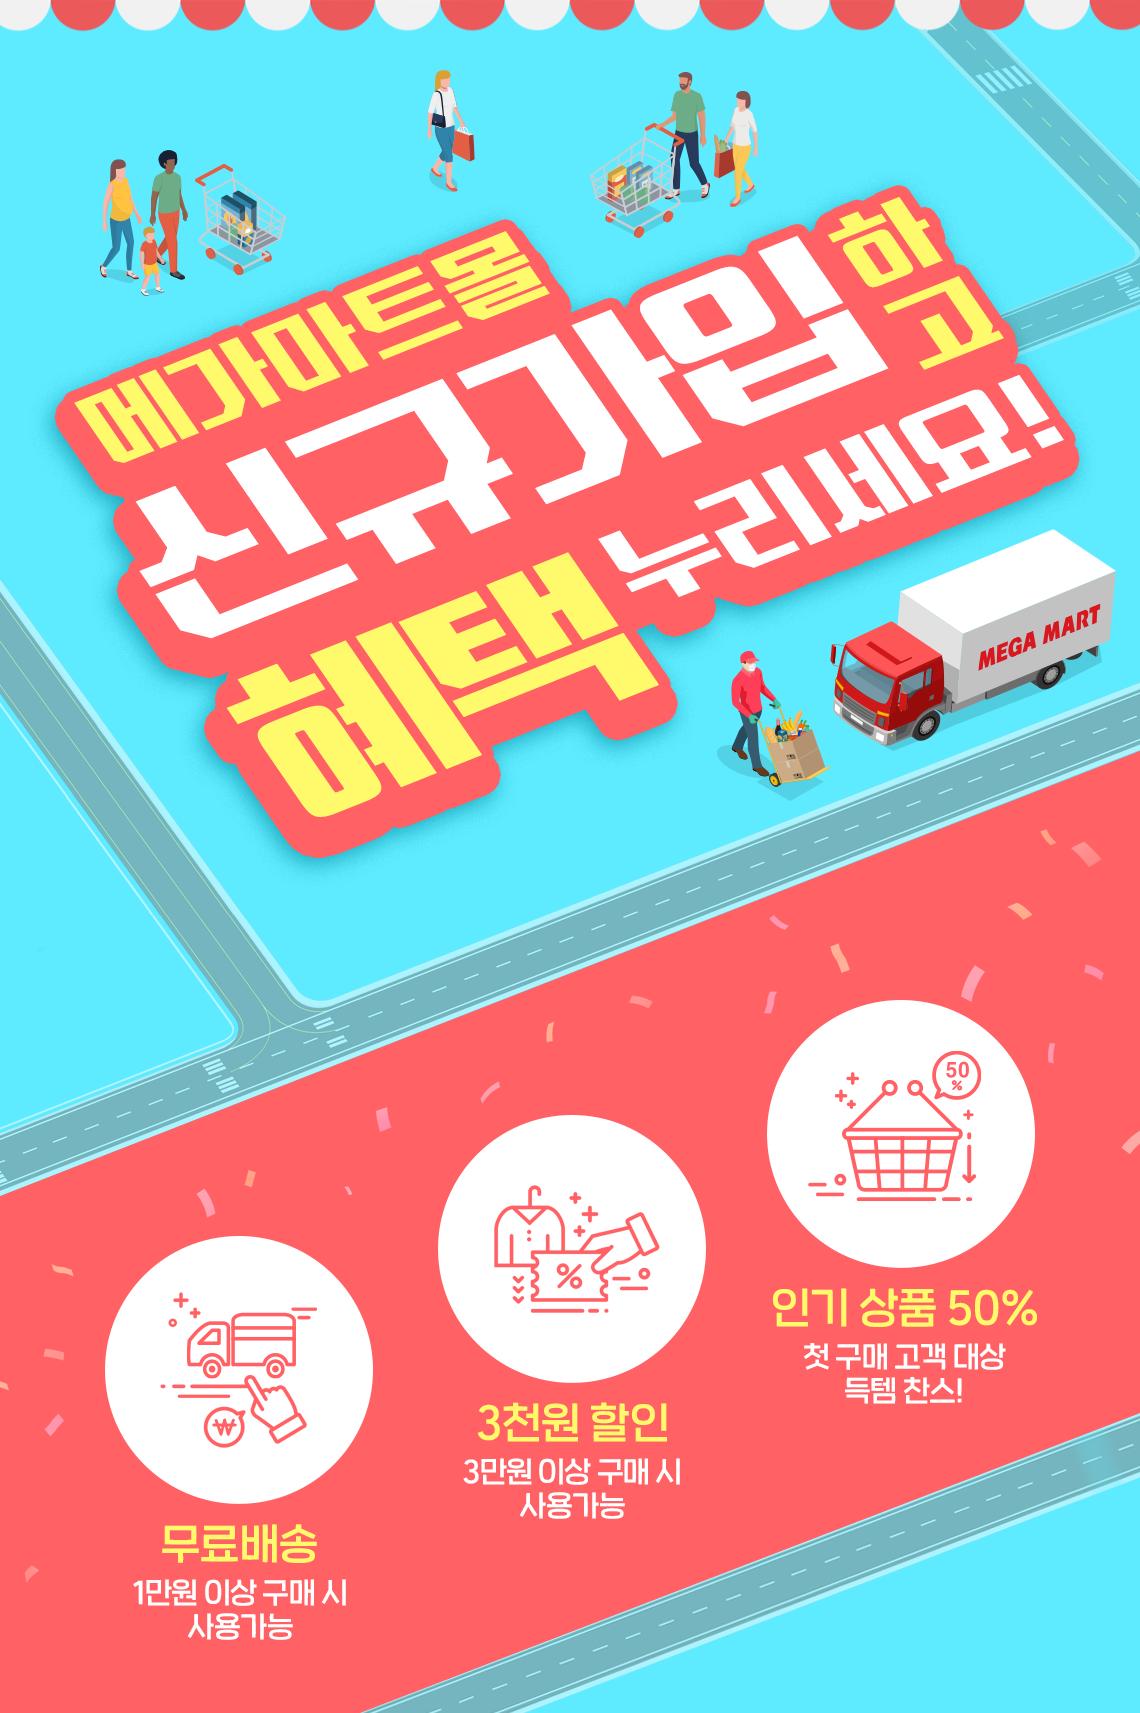 ♥6월 신규가입 이벤트♥